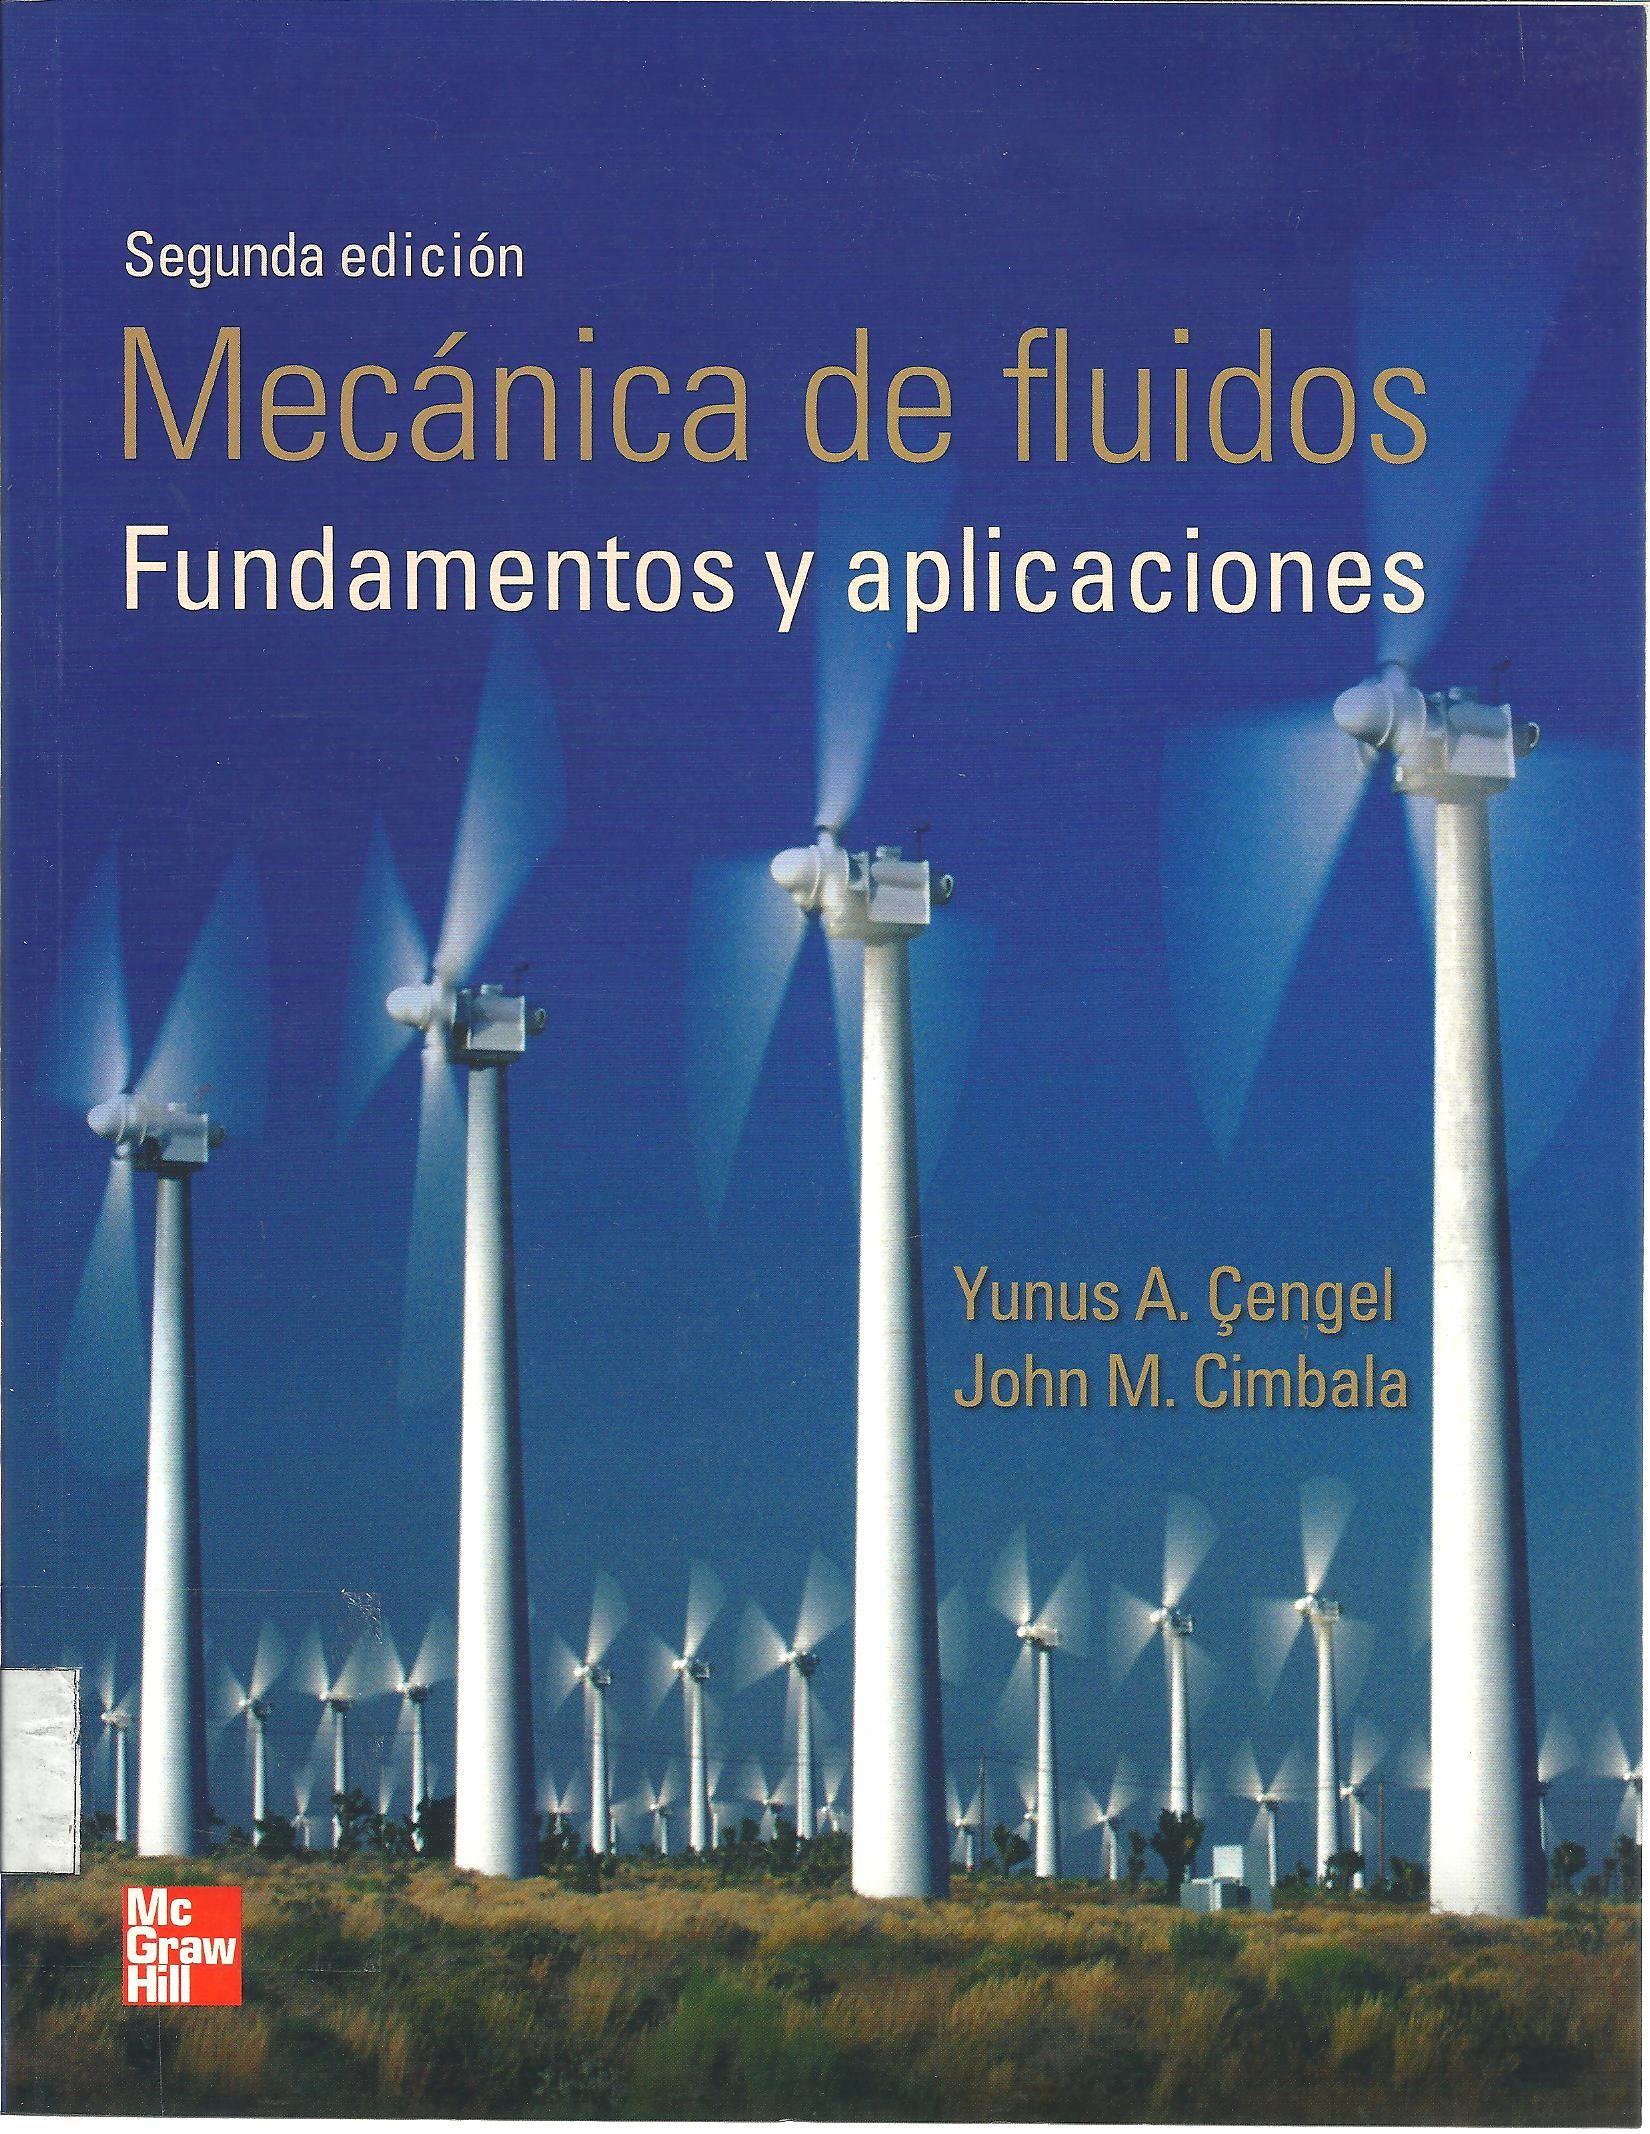 Cengel Mecánica De Fluidos 2a Ed 3ej Mecanica De Fluidos Proyectos De Ingeniería Mecánica Curso De Fisica